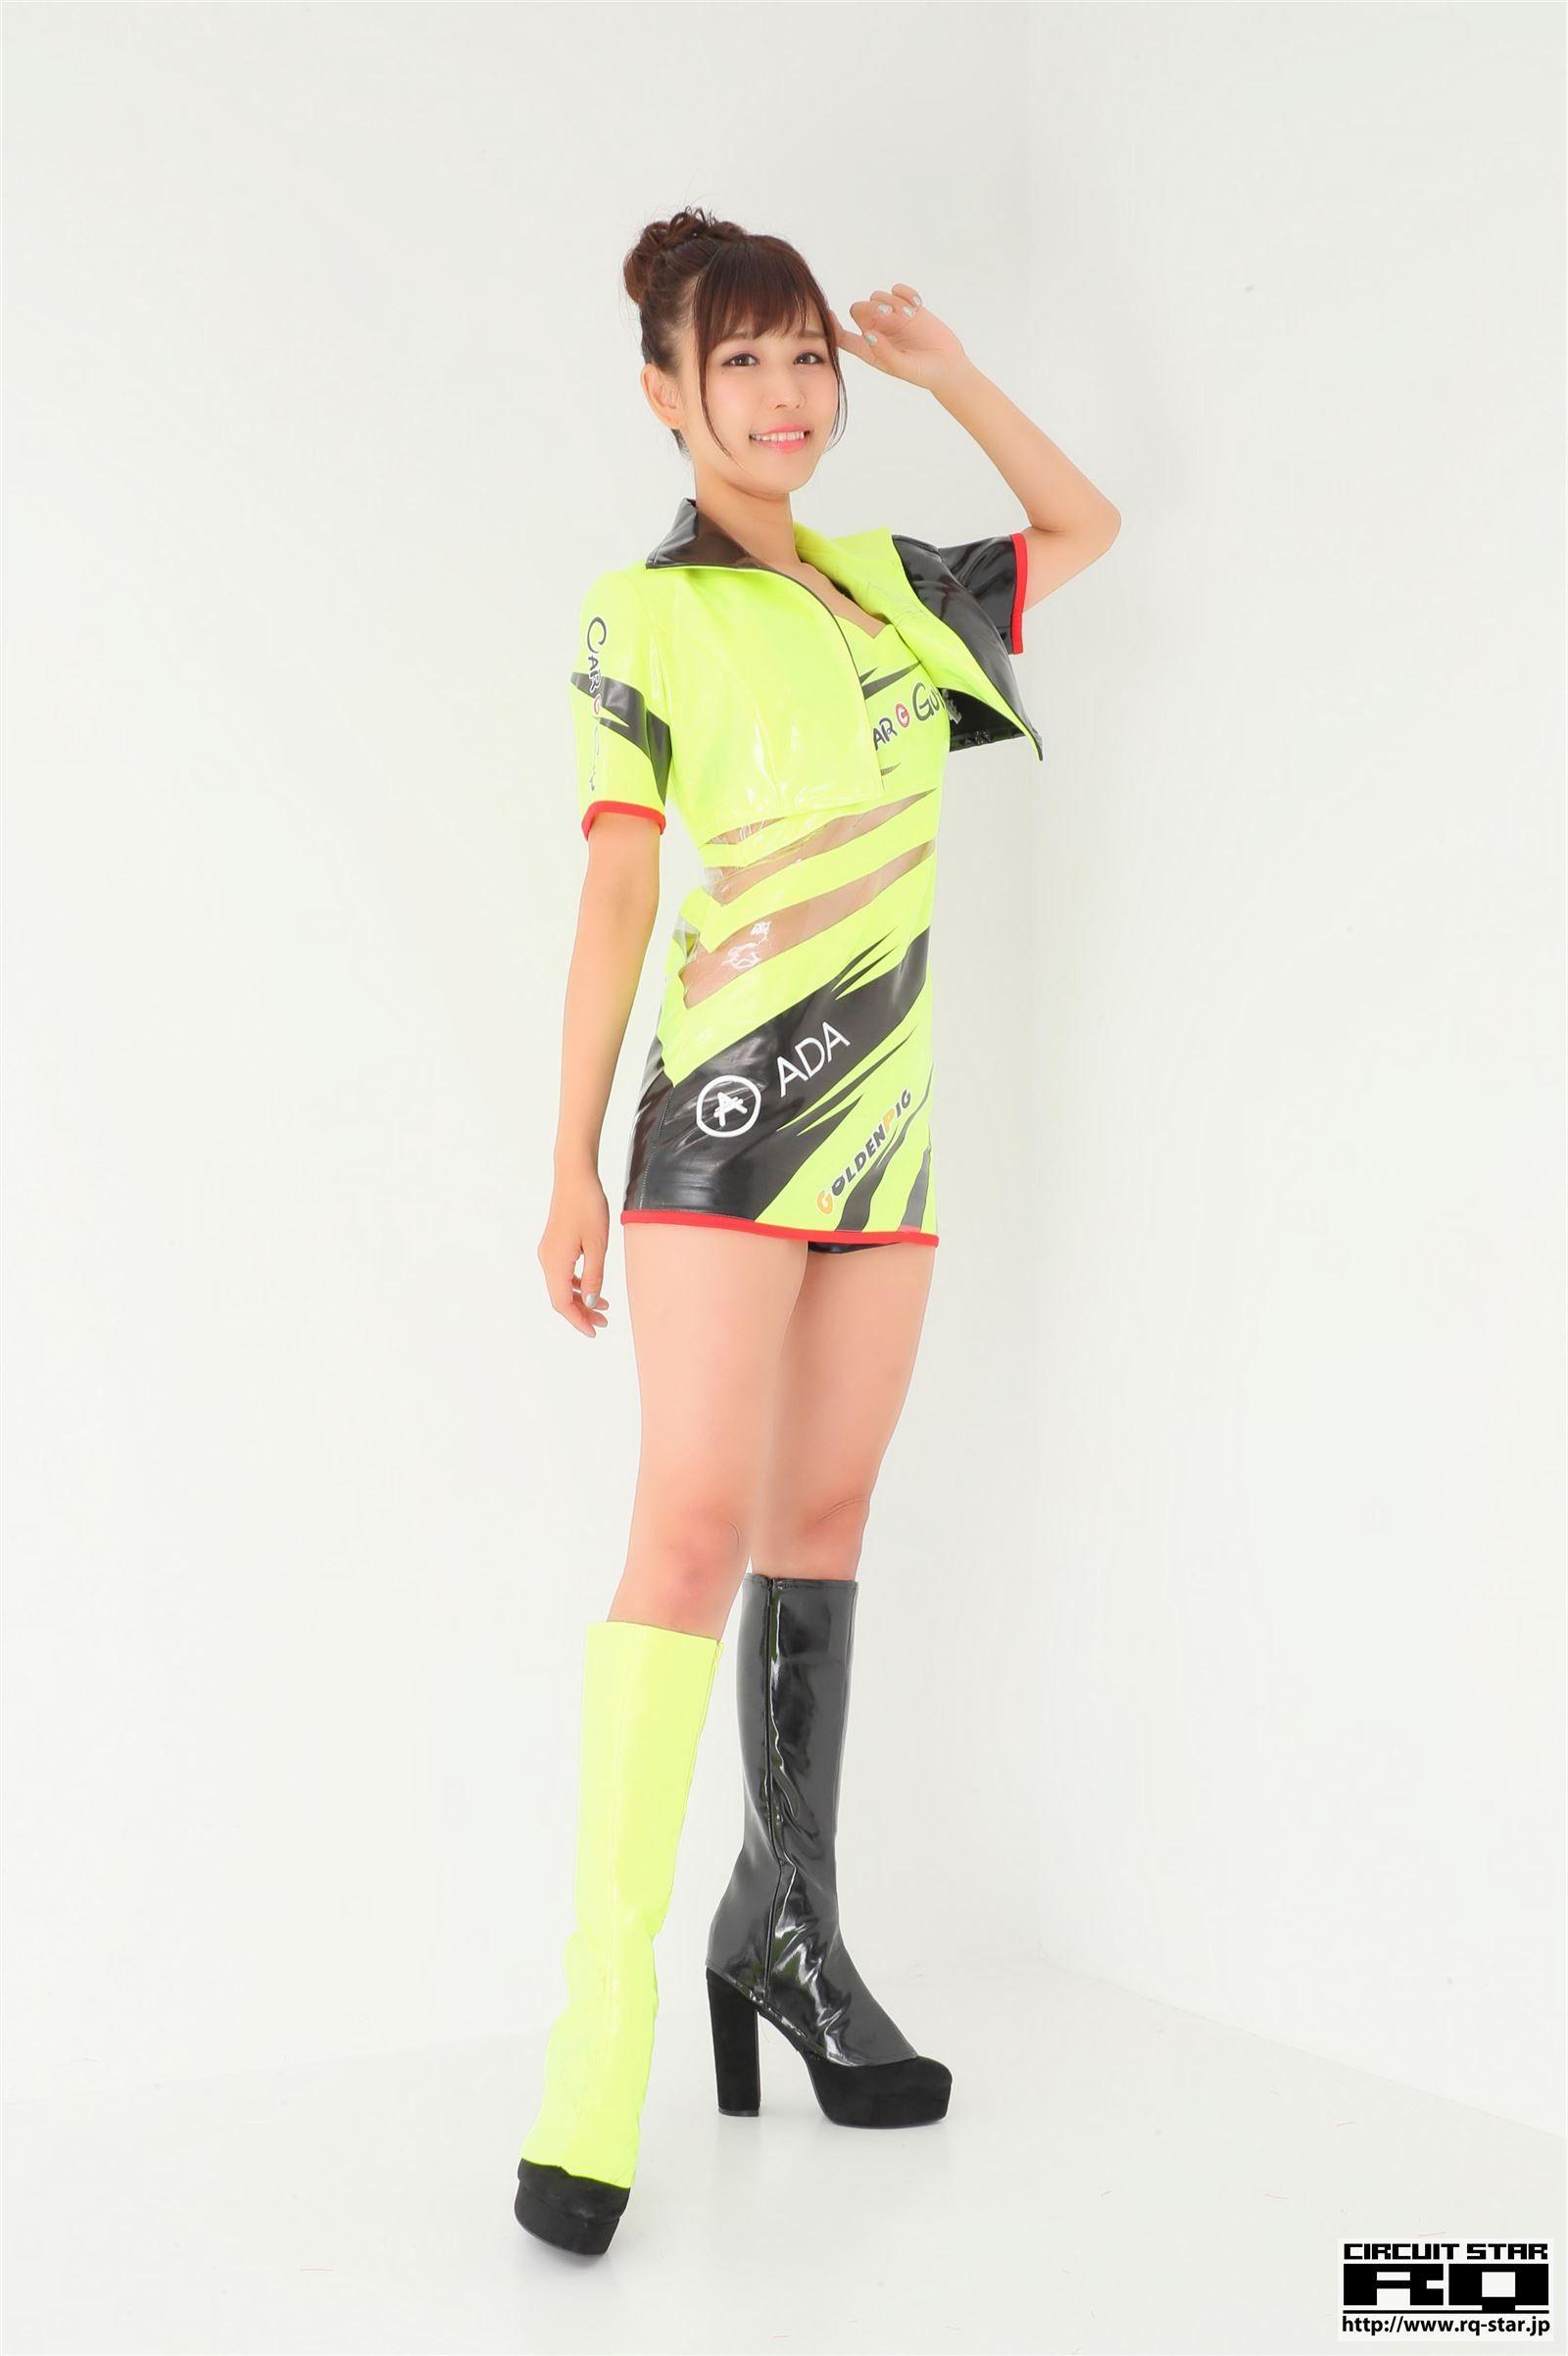 [RQ STAR美女] 2018.08.11 Aya Miyazaki 宮崎彩 Race Queen[70P] RQ STAR 第4张